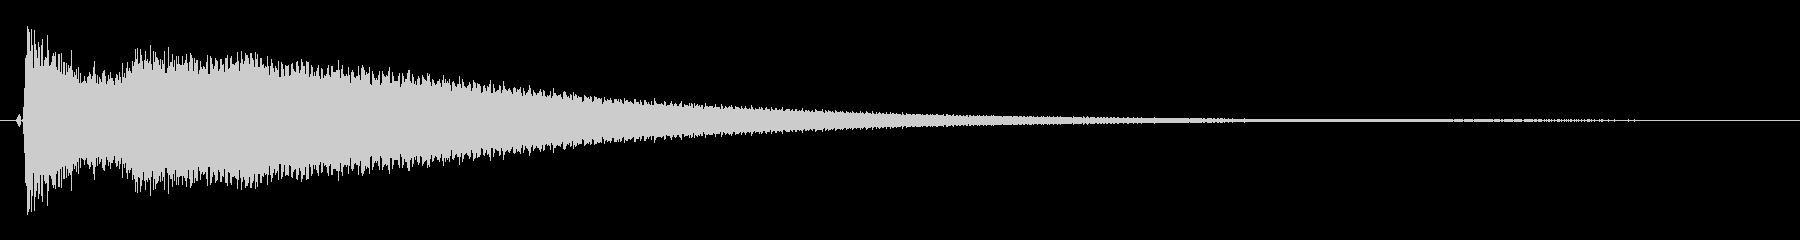 シャキーン(金属音)の未再生の波形